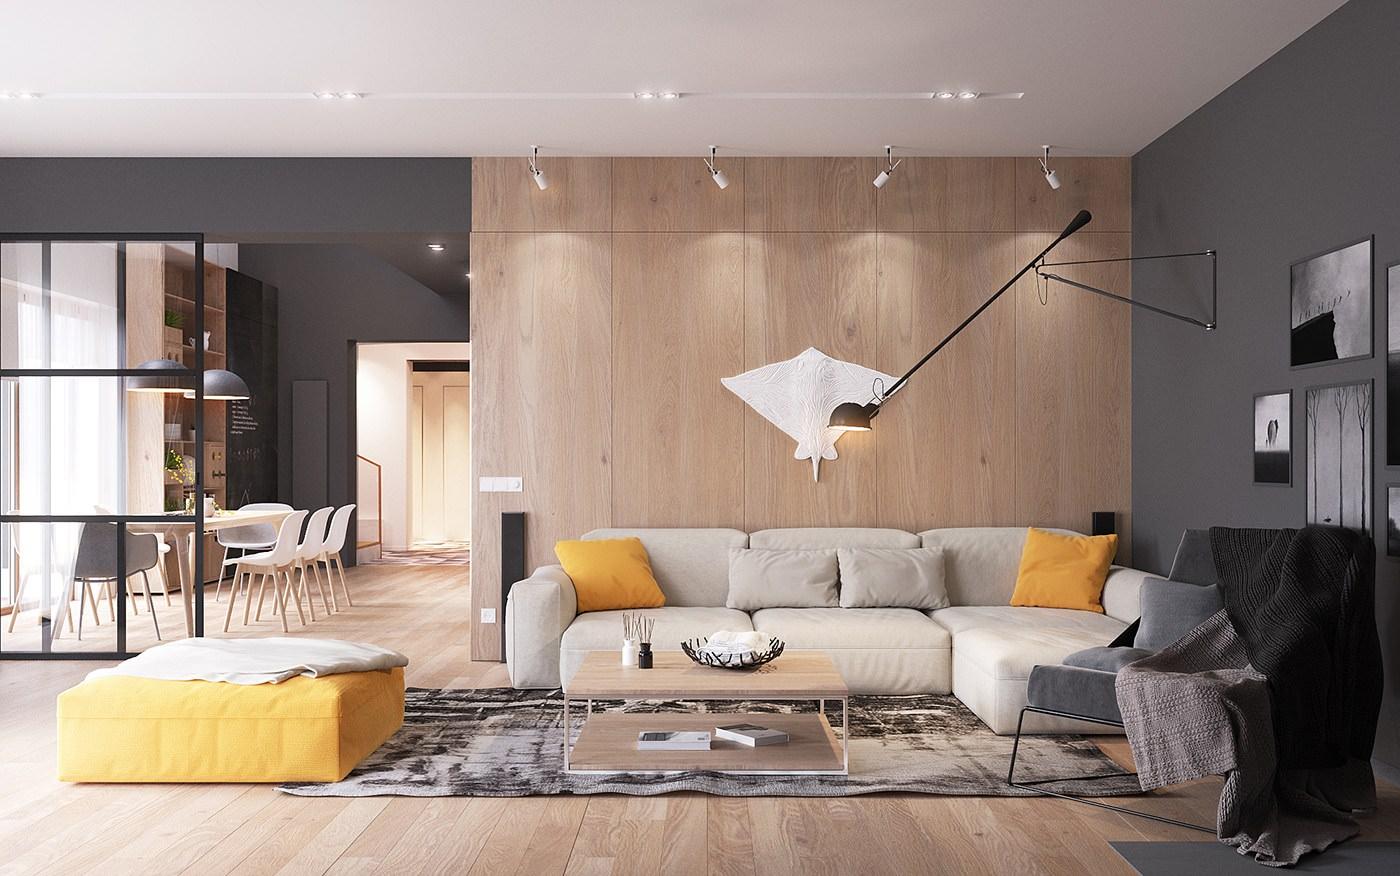 Non è detto che tu debba farlo. Originale Appartamento In Stile Scandinavo Moderno Ed Elegante Arredamento Casa Moderna Start Preventivi